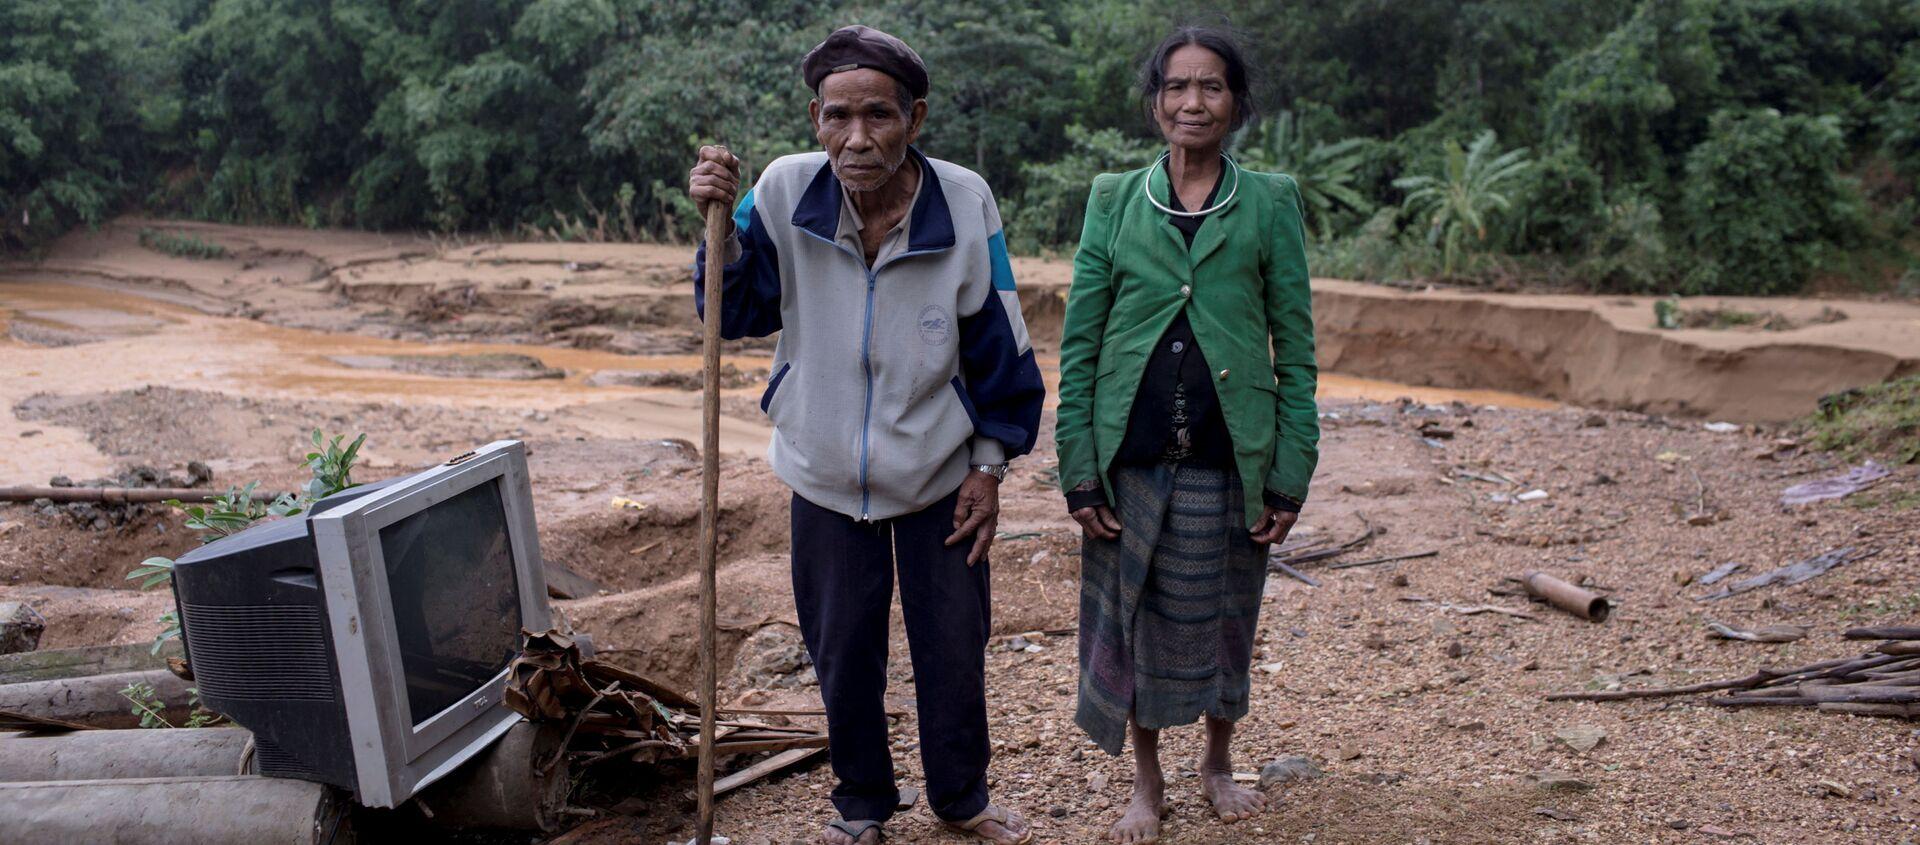 Người dân địa phương trước ngôi nhà của họ đã bị phá hủy do lở đất ở tỉnh Quảng Trị, Việt Nam - Sputnik Việt Nam, 1920, 23.10.2020